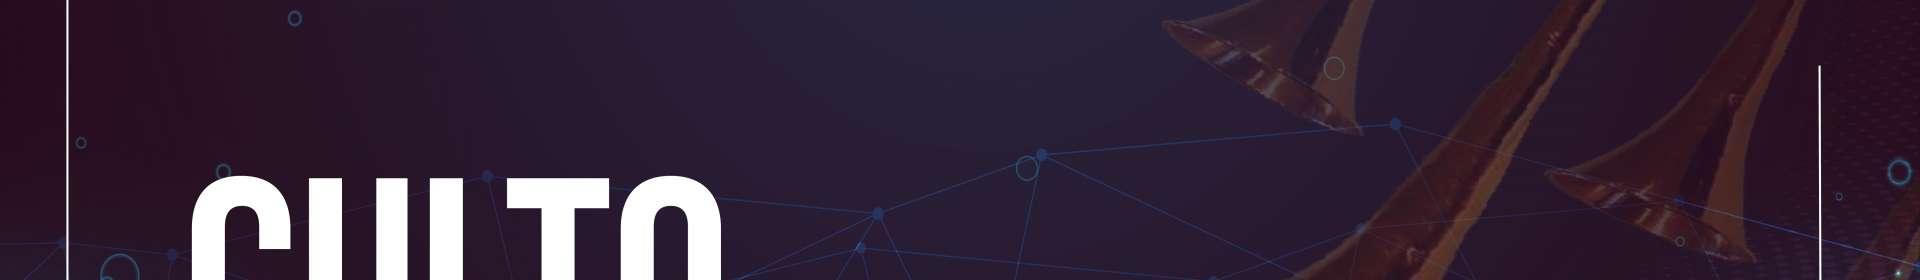 Culto via satélite exibido em 20/10/2019